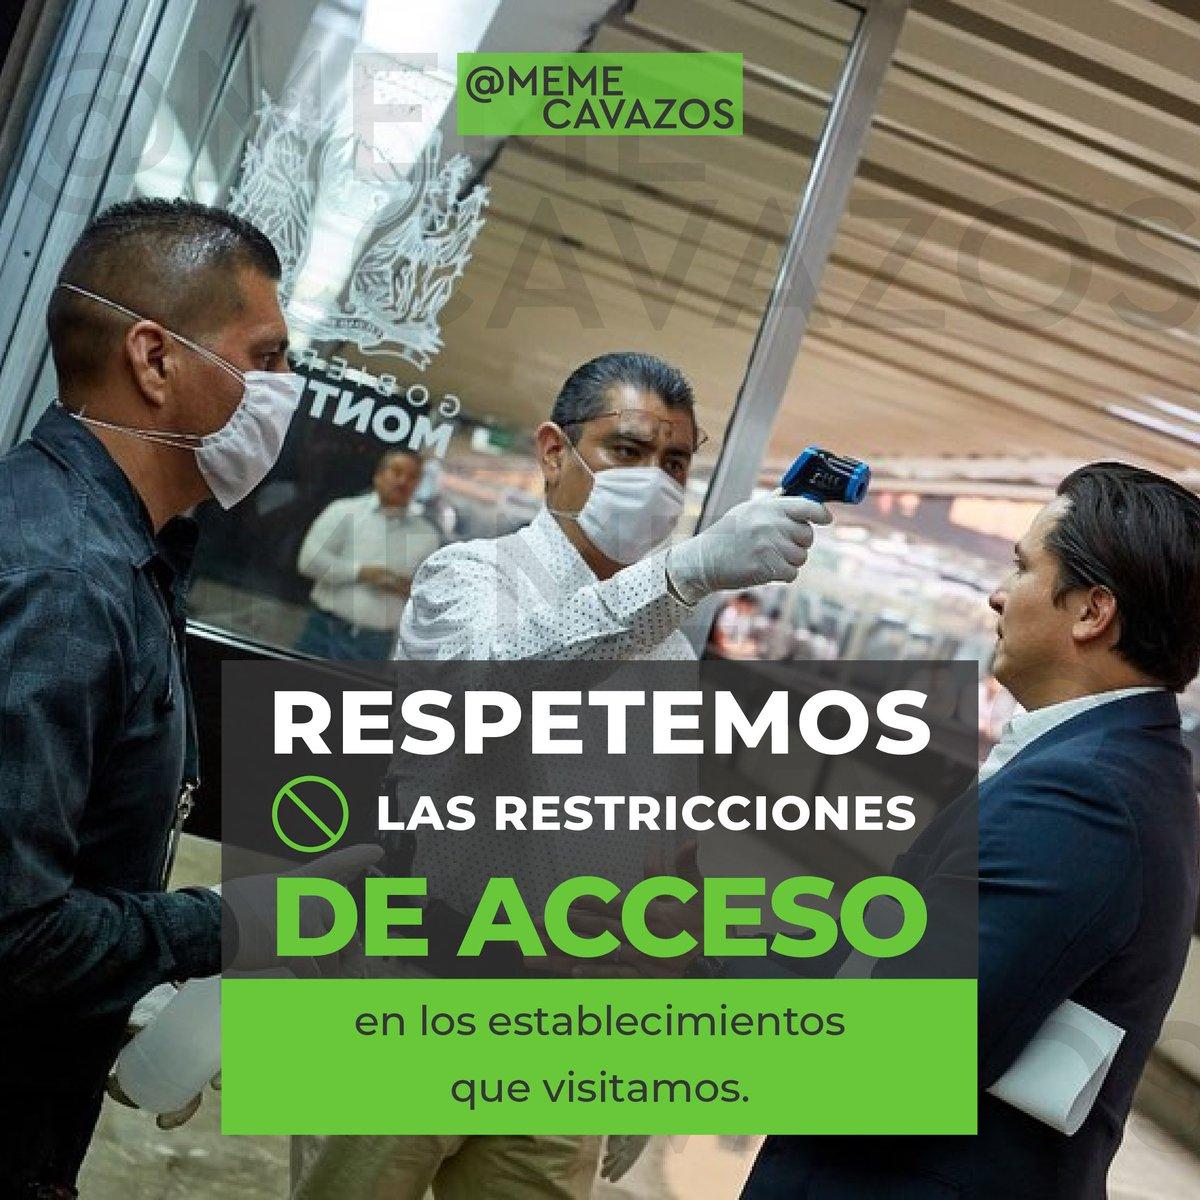 Si acudes a cualquier establecimiento respeta las medidas que tienen. No te confíes el virus sigue, cuídate y cuida a los tuyos.   #MemeCavazos #MonterreyTrabajando #SeryHacerlaDiferencia  #Covid19 #coronavirusmexico https://t.co/sivFmHpPz4